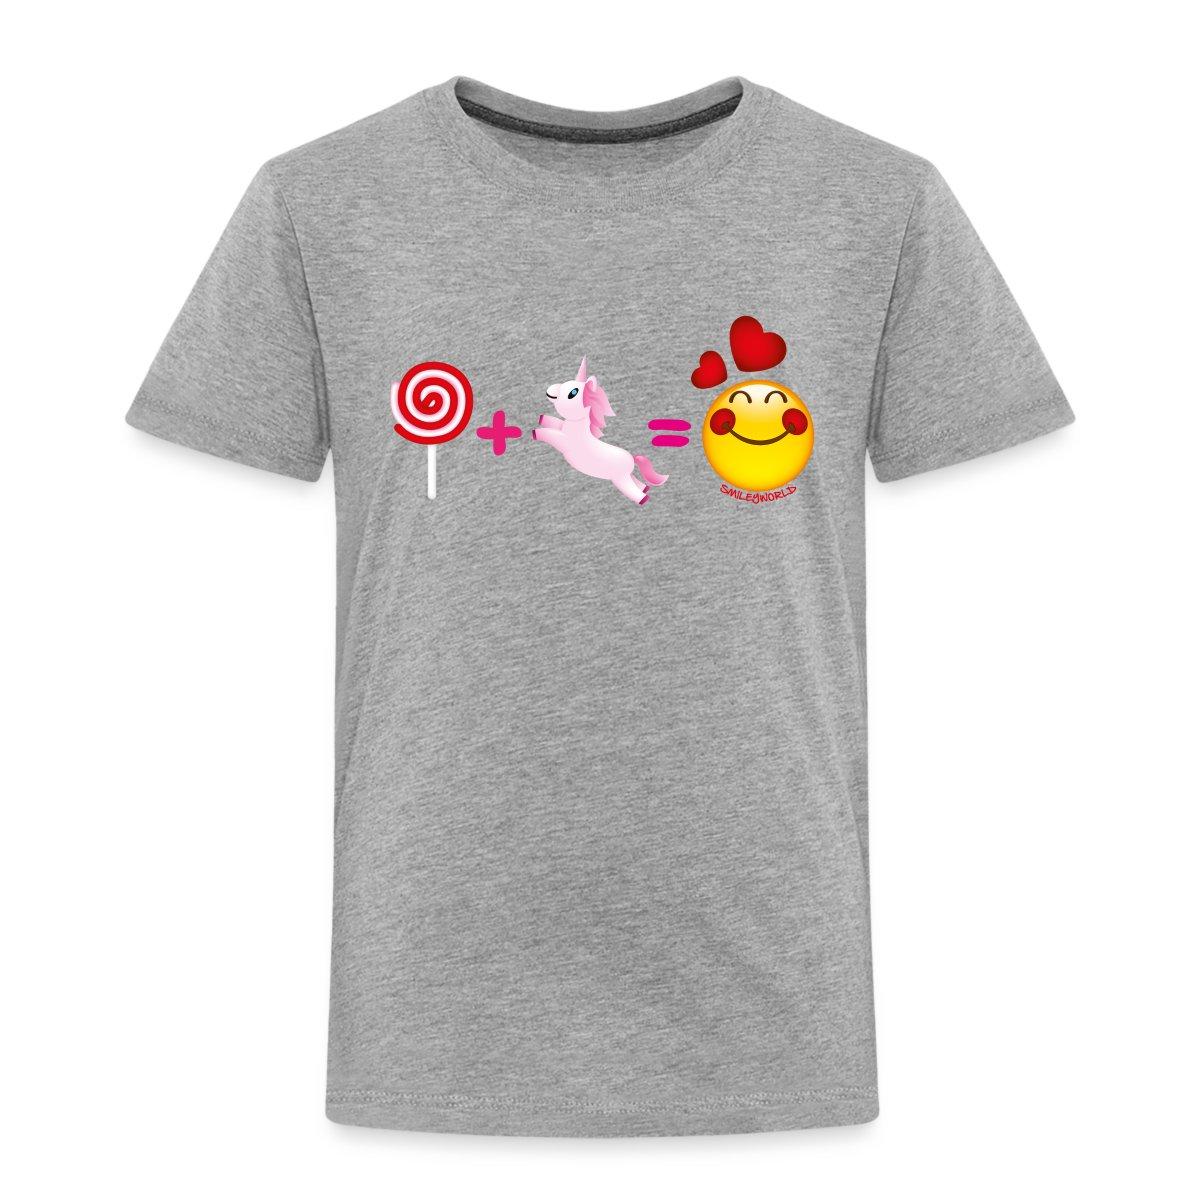 SmileyWorld-Lolli-Plus-Einhorn-Ist-Liebe-Kinder-Premium-T-Shirt-von-Spreadshirt